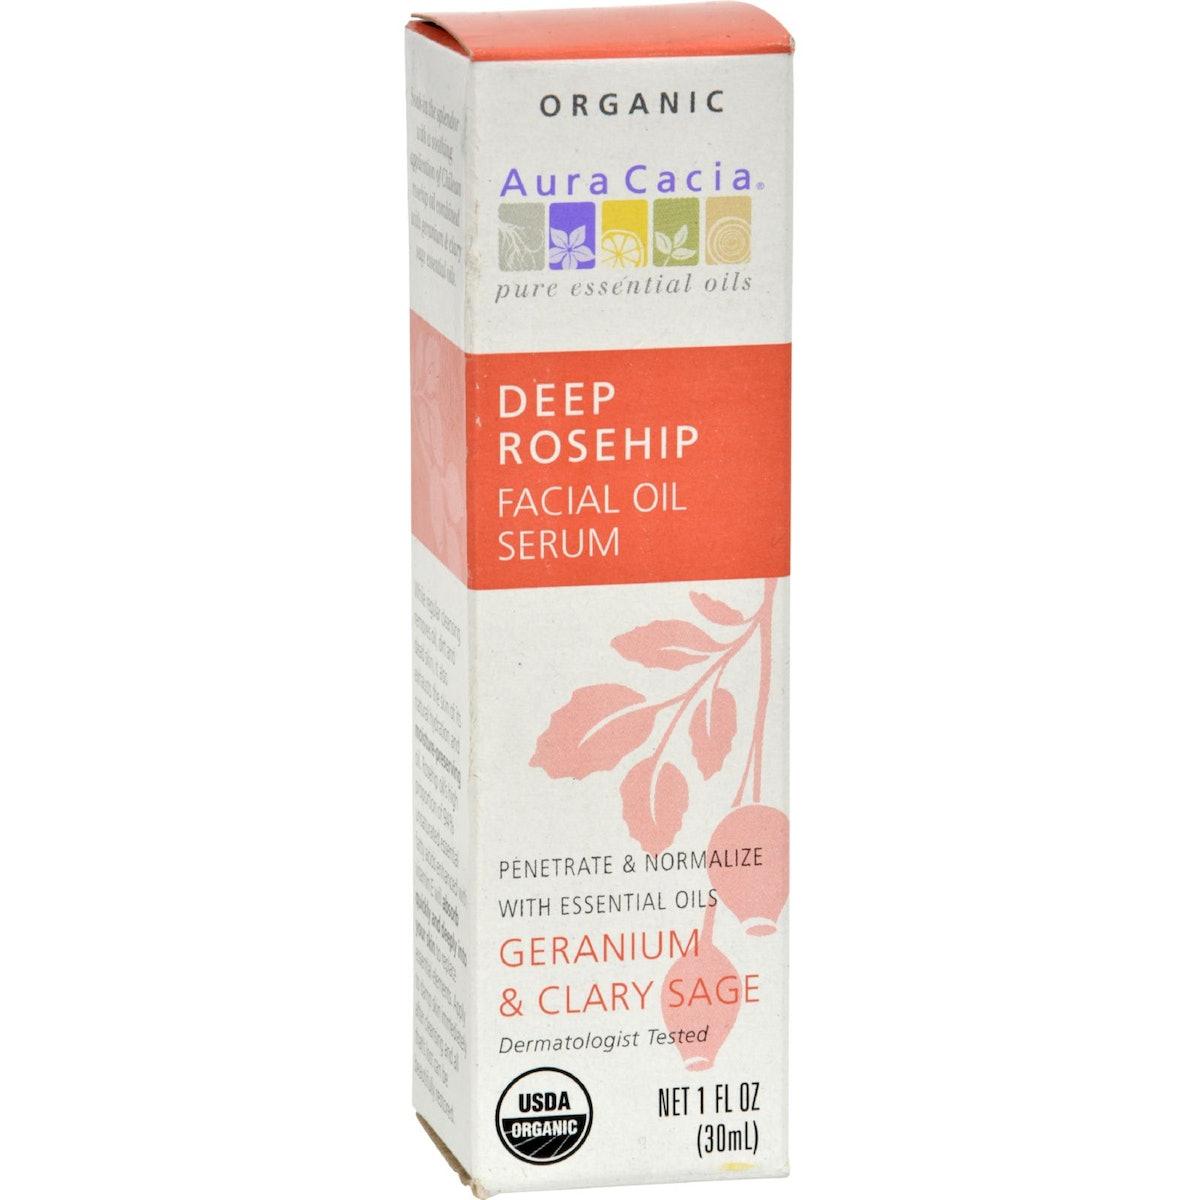 Aura Cacia Facial Oil Serum, 1 oz